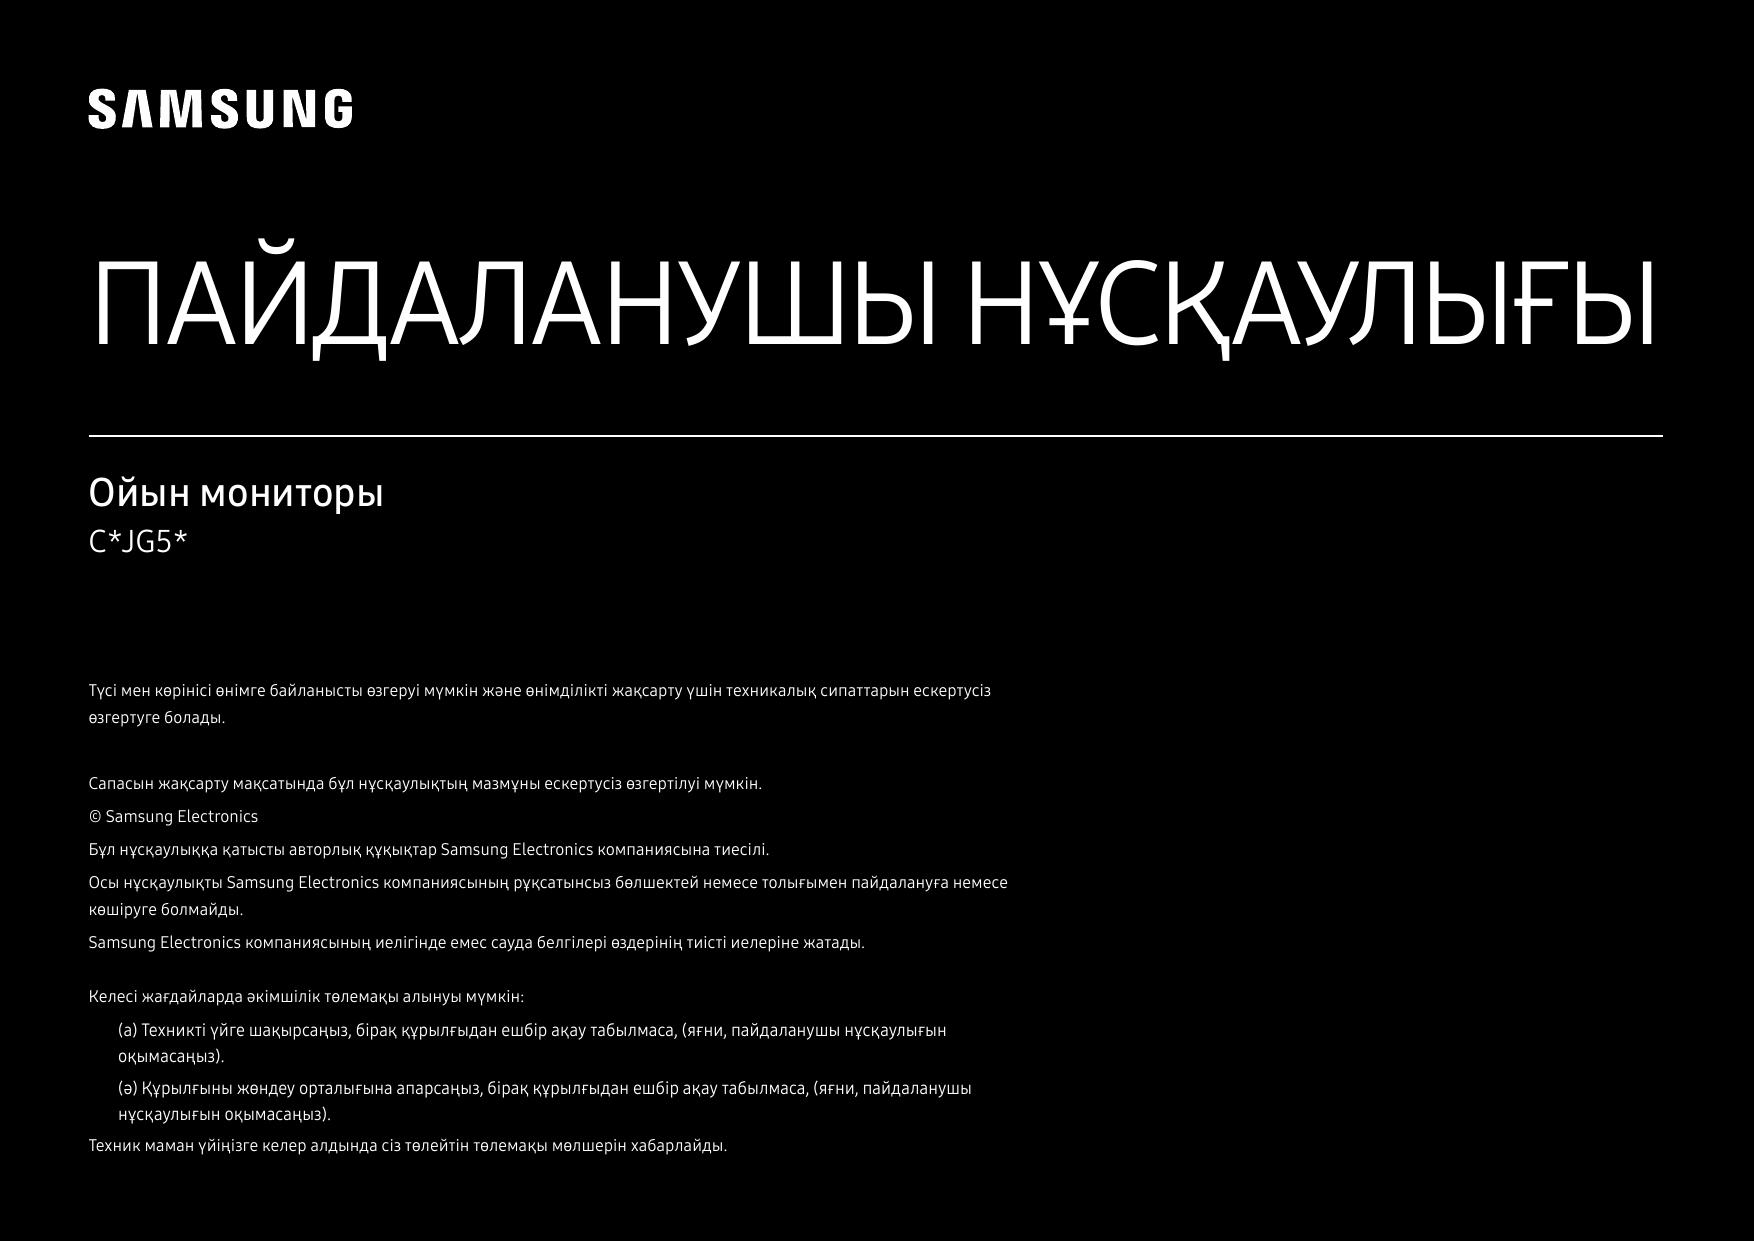 Онлайн режиміндегі ойын автоматтары тіркеусіз және SMS жібермей-ақ тегін ойнатылады